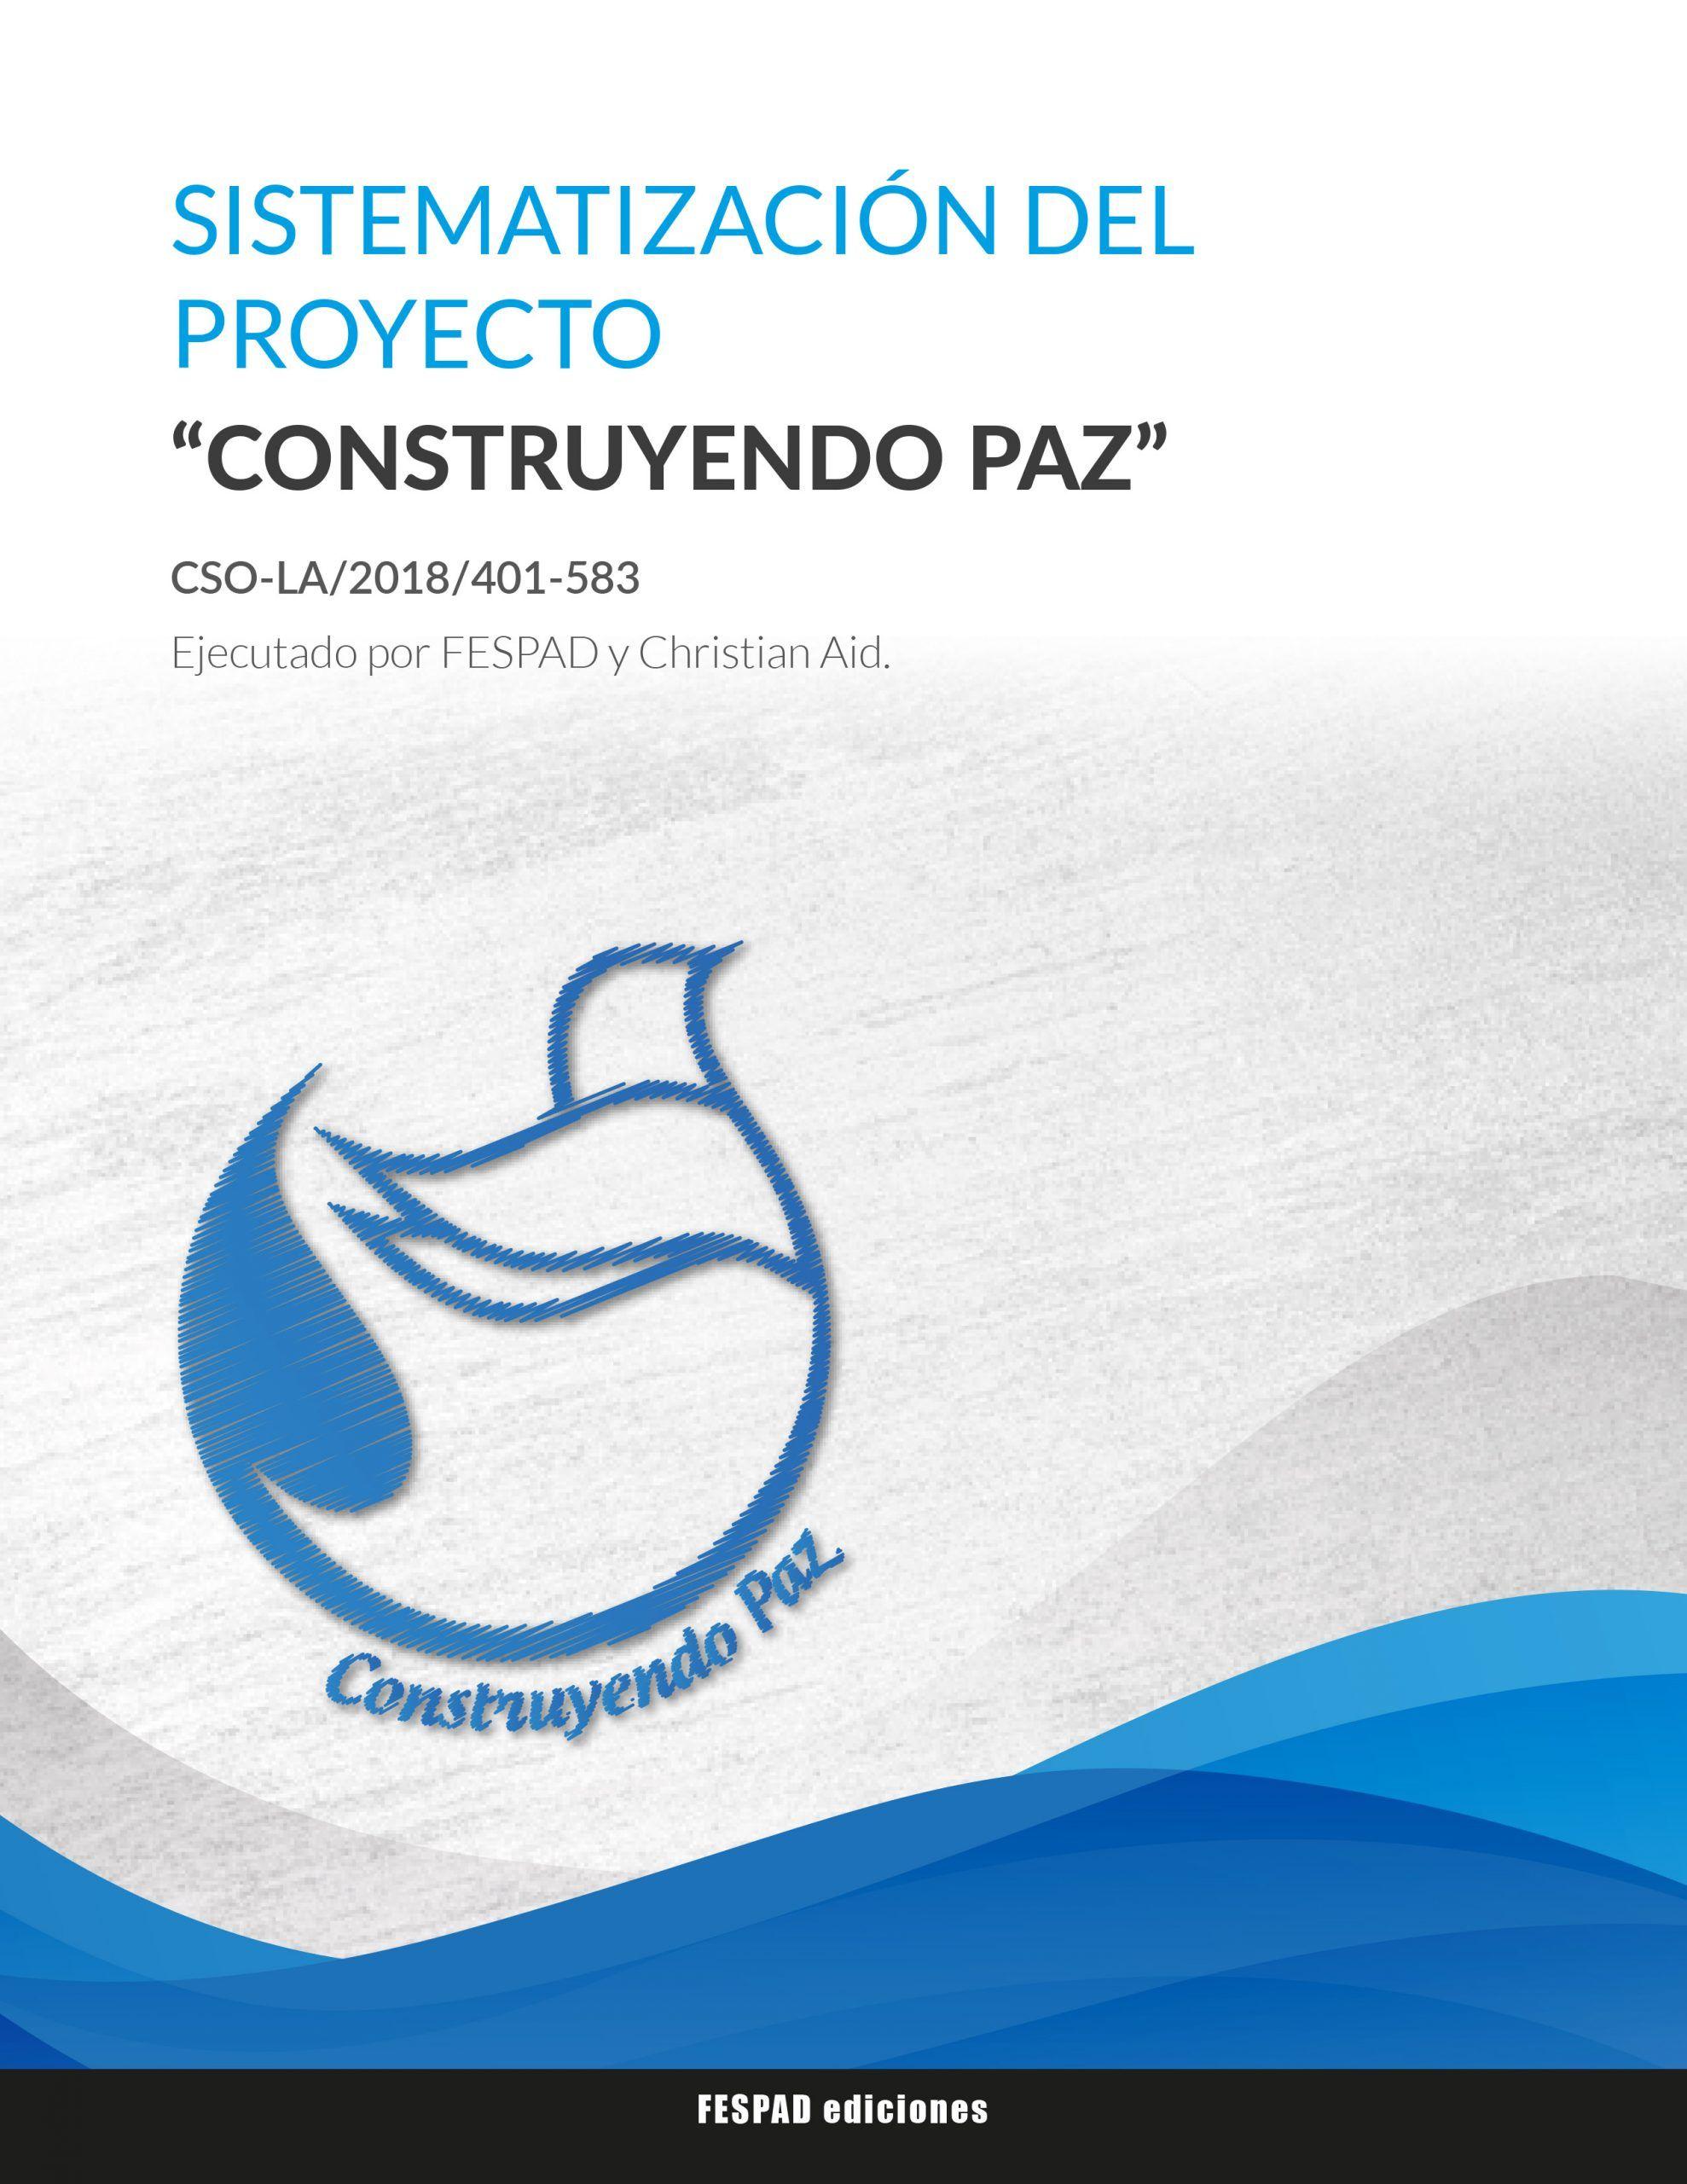 Sistematización del proyecto Construyendo Paz